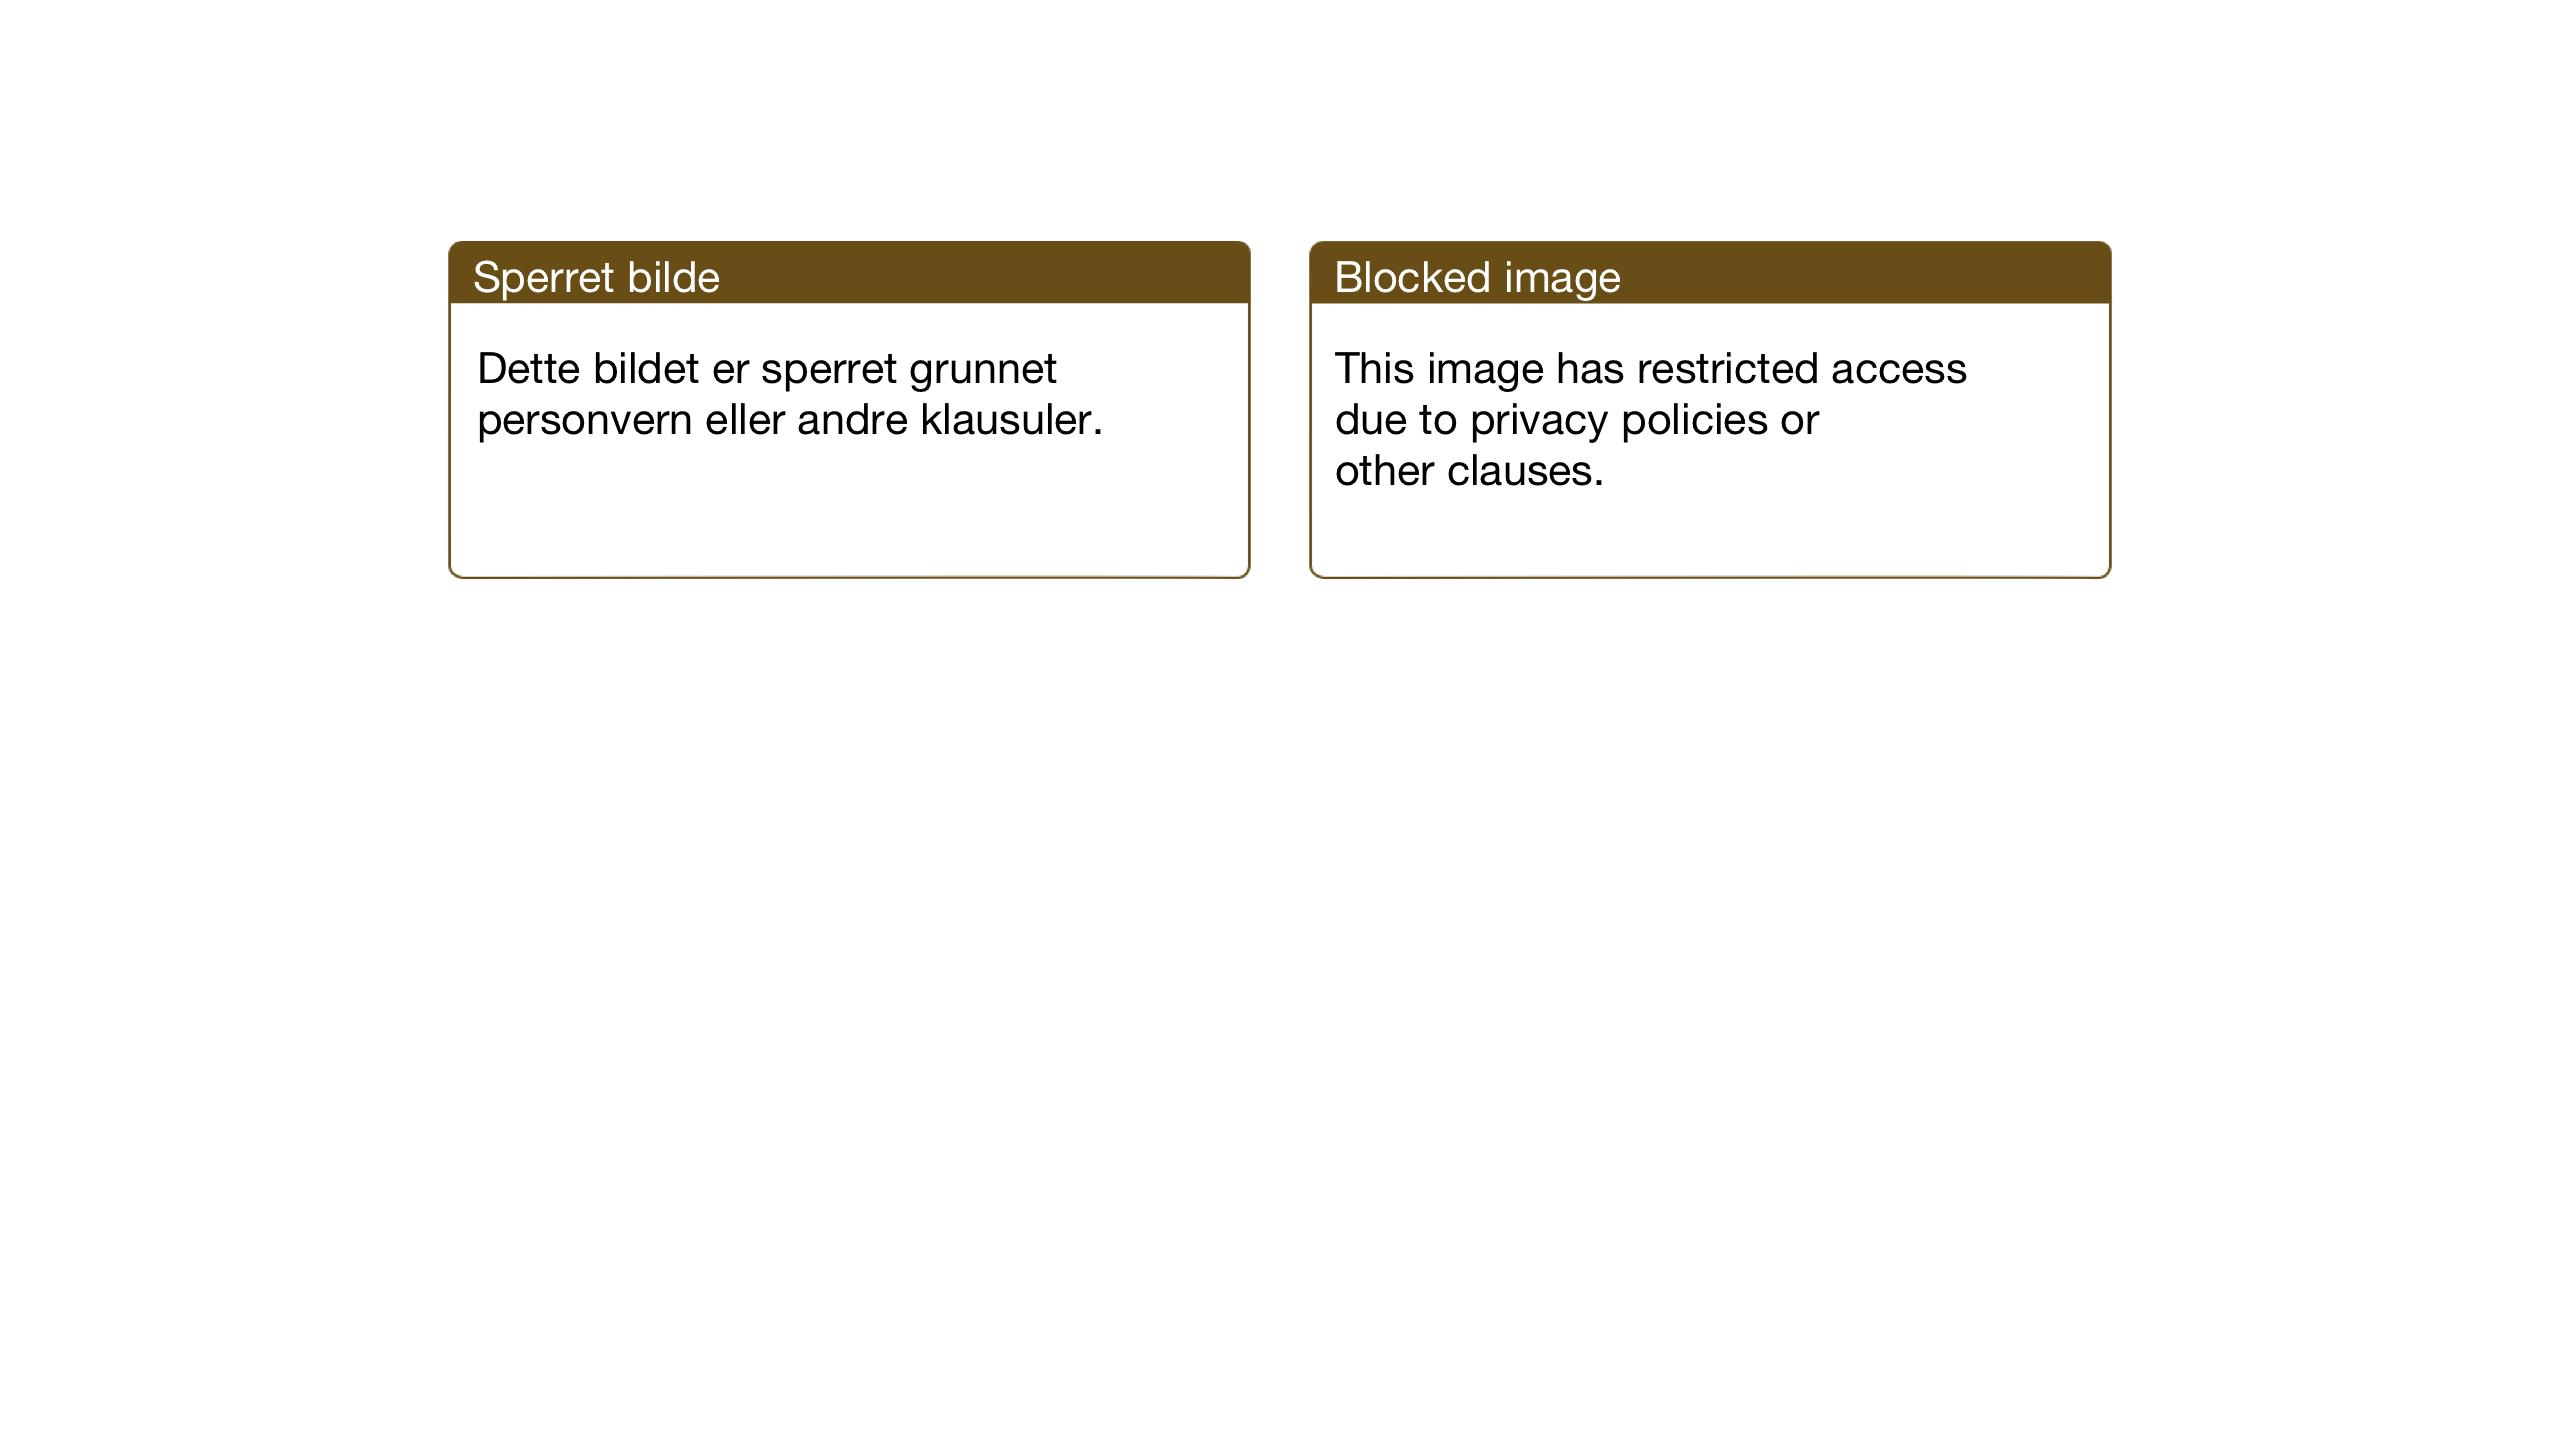 SAT, Ministerialprotokoller, klokkerbøker og fødselsregistre - Nord-Trøndelag, 732/L0319: Klokkerbok nr. 732C03, 1911-1945, s. 36